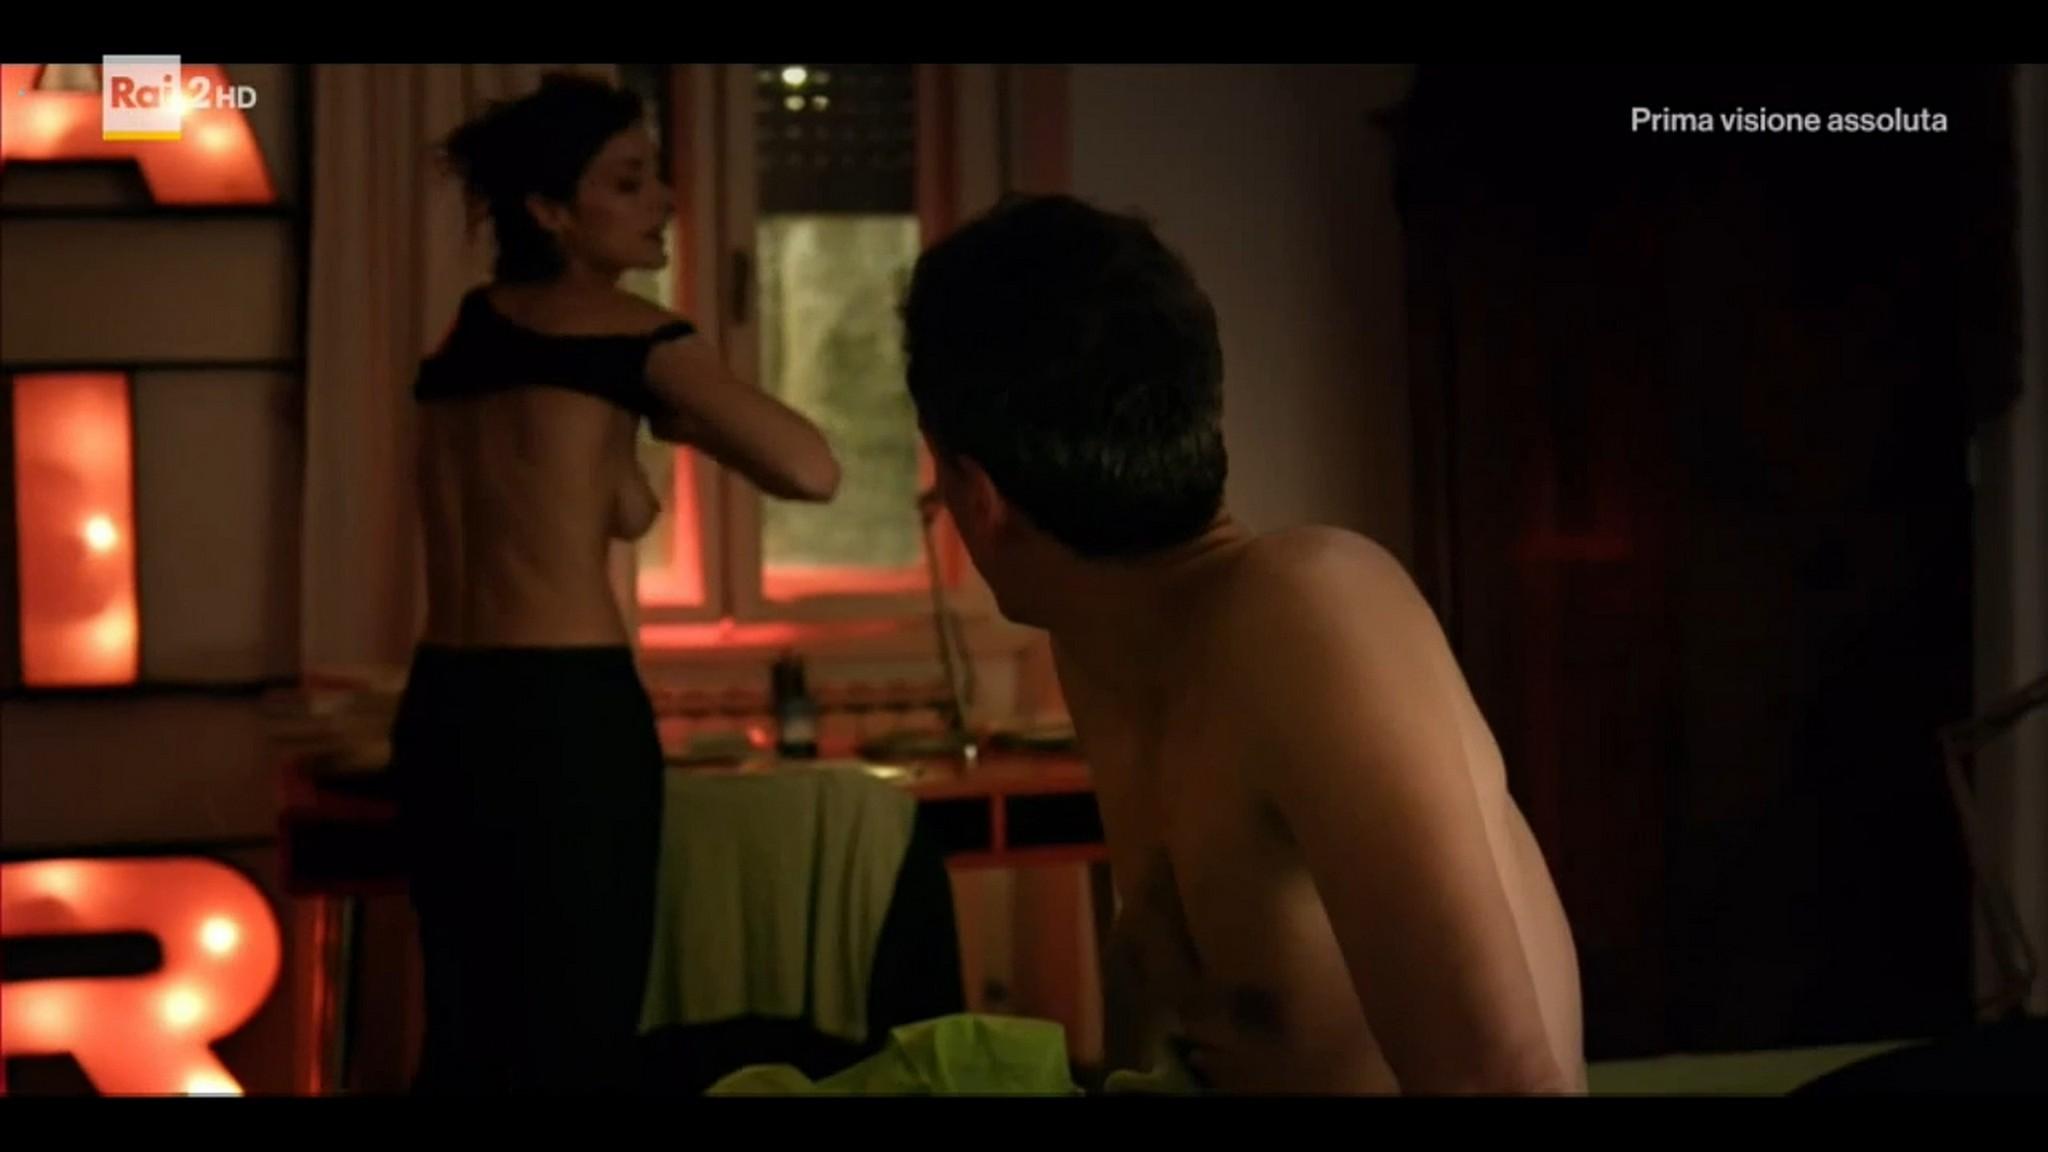 Elena Radonicich nude sex Gabriella Pession nude La Porta Rossa 2019 S2 HD 720p 004